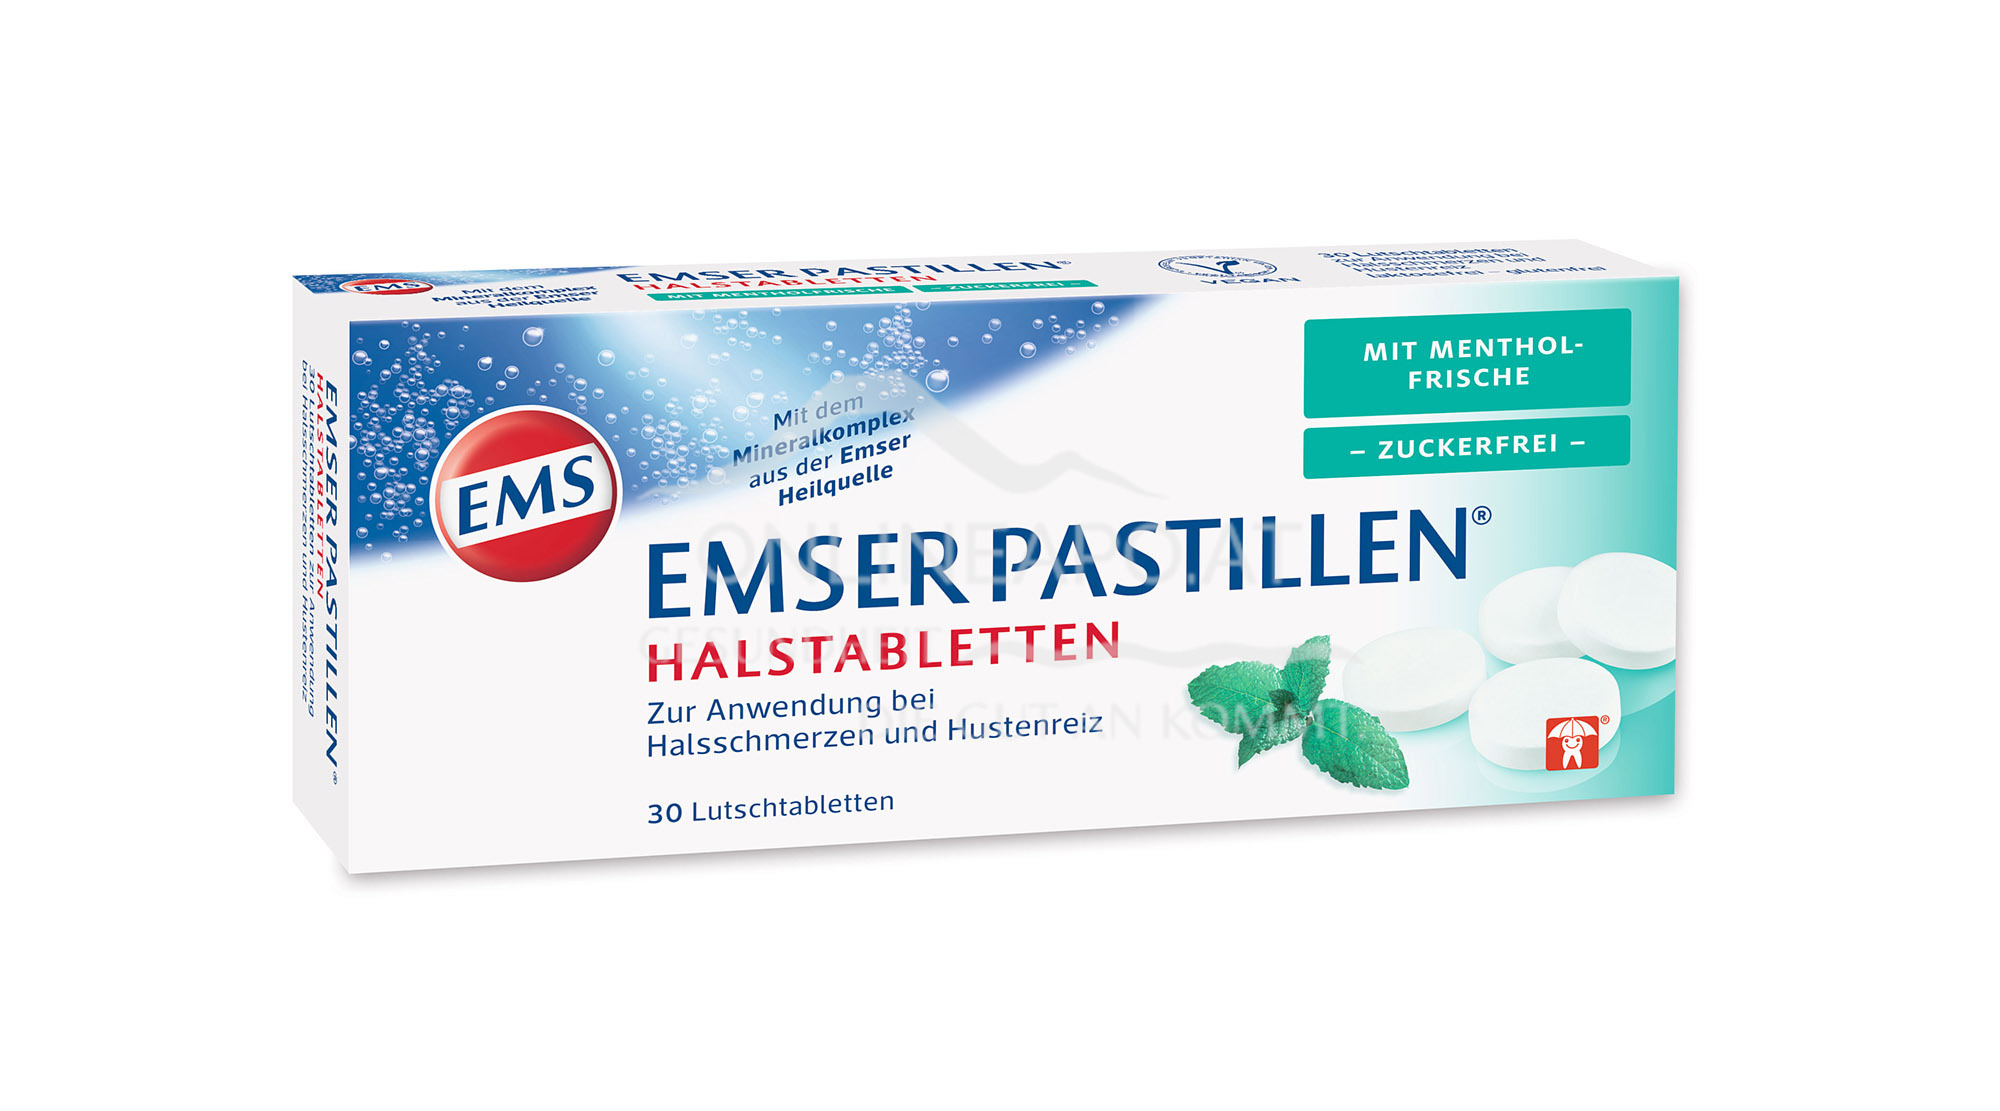 Emser Pastillen® Halstabletten mit Mentholfrische, zuckerfrei